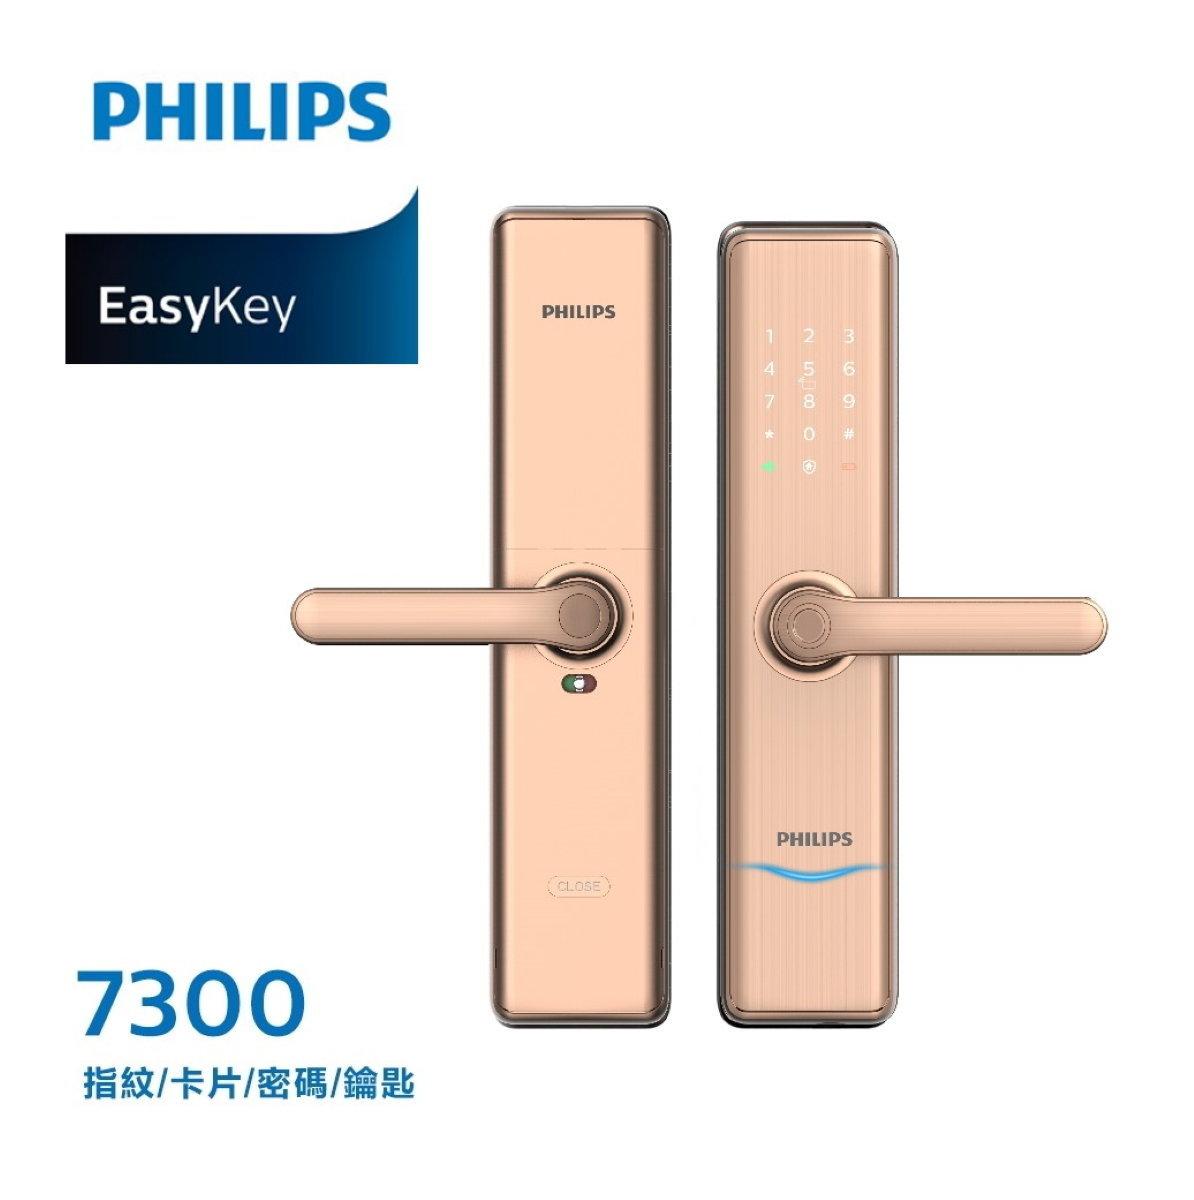 EASYKEY 7300 (GD)